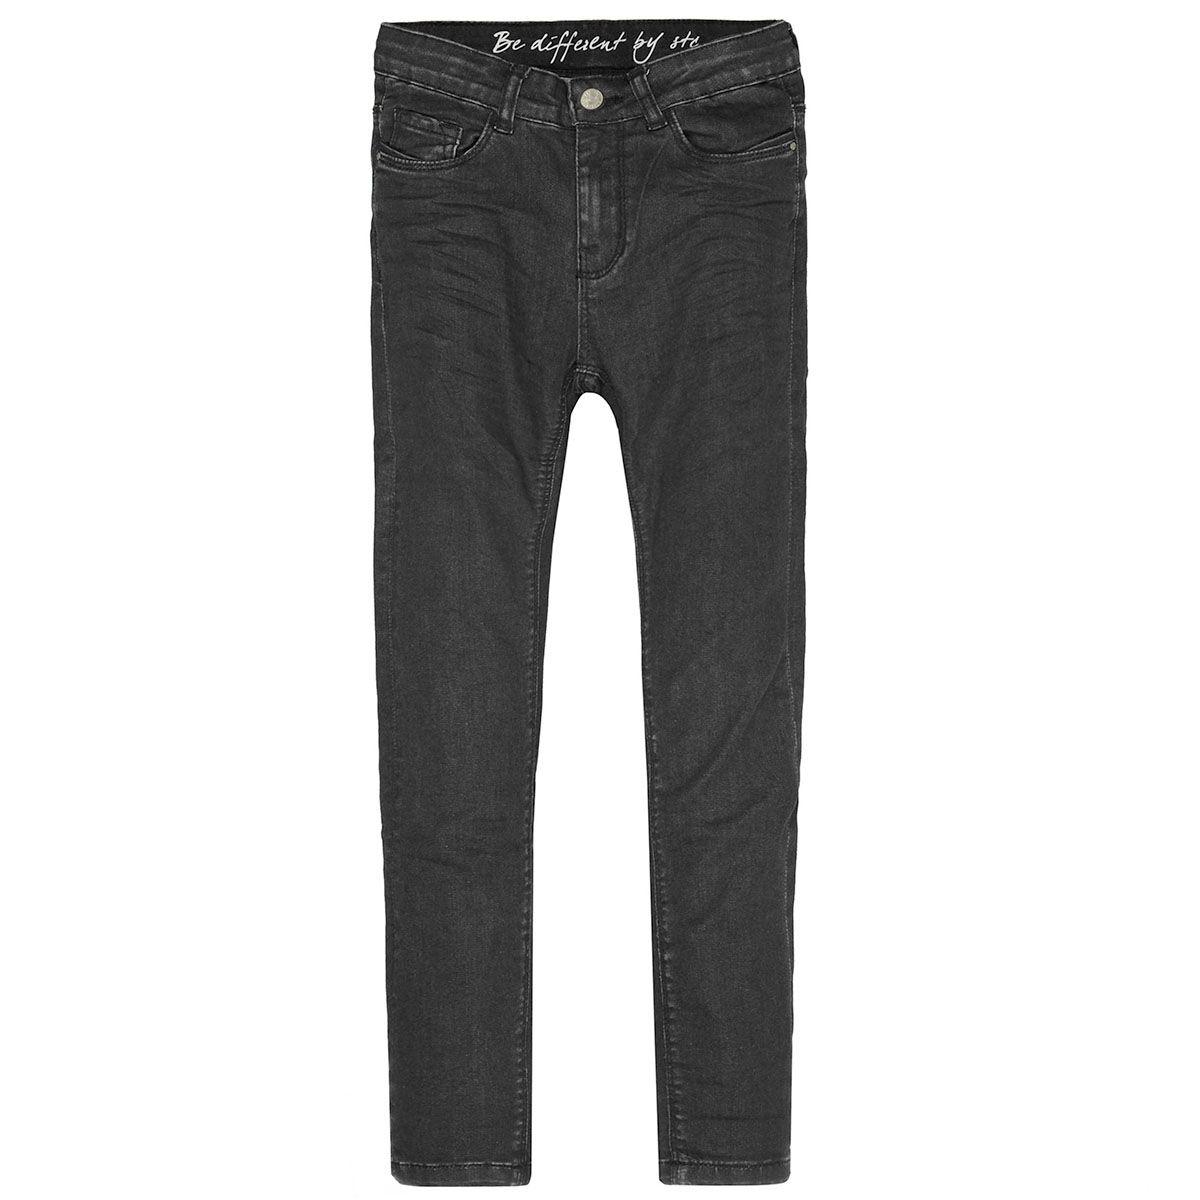 Mädchen Skinny Jeans Slim Fit - Anthra Denim